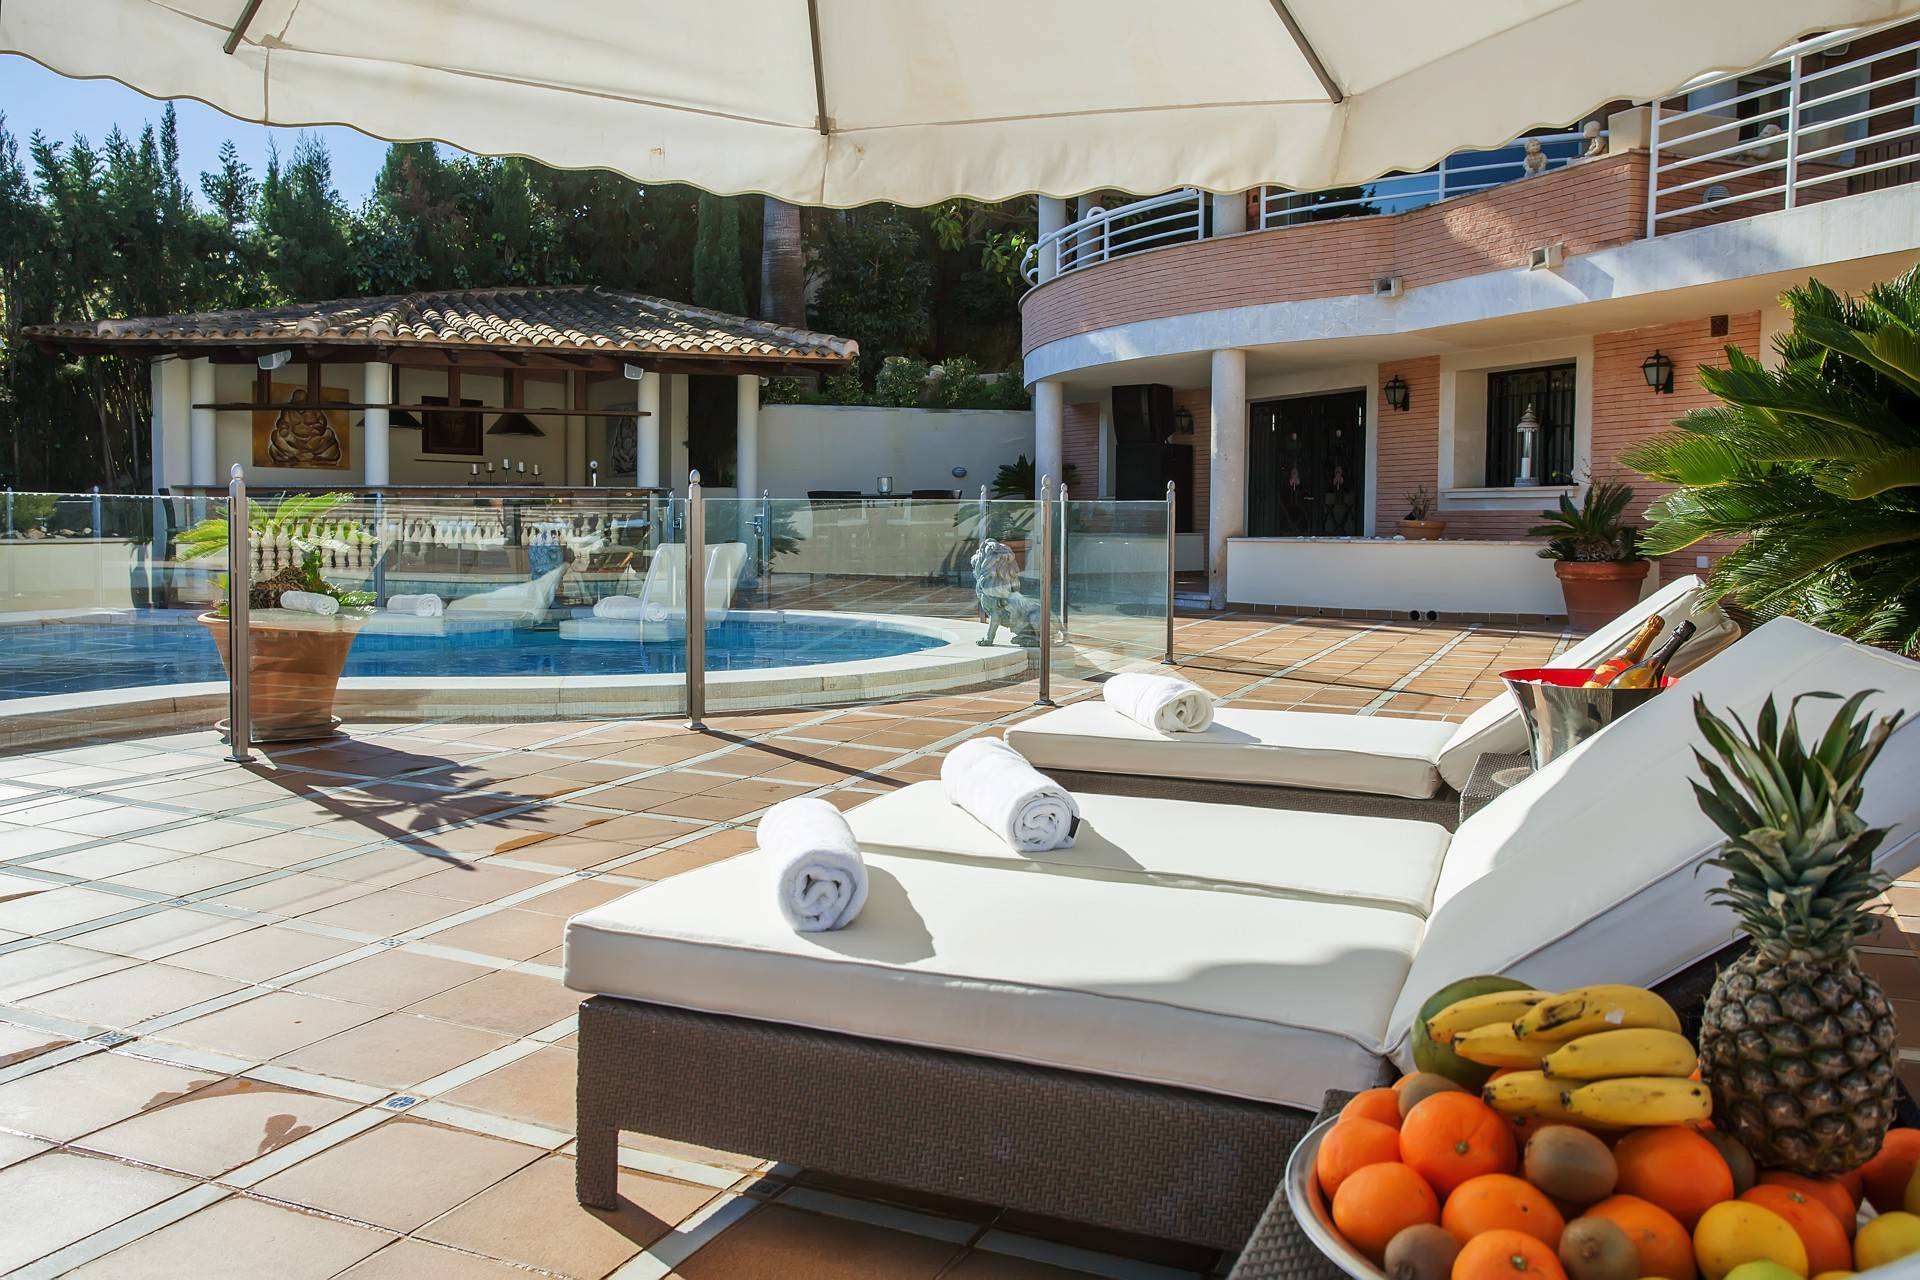 01-251 Extravagant villa Mallorca southwest Bild 3